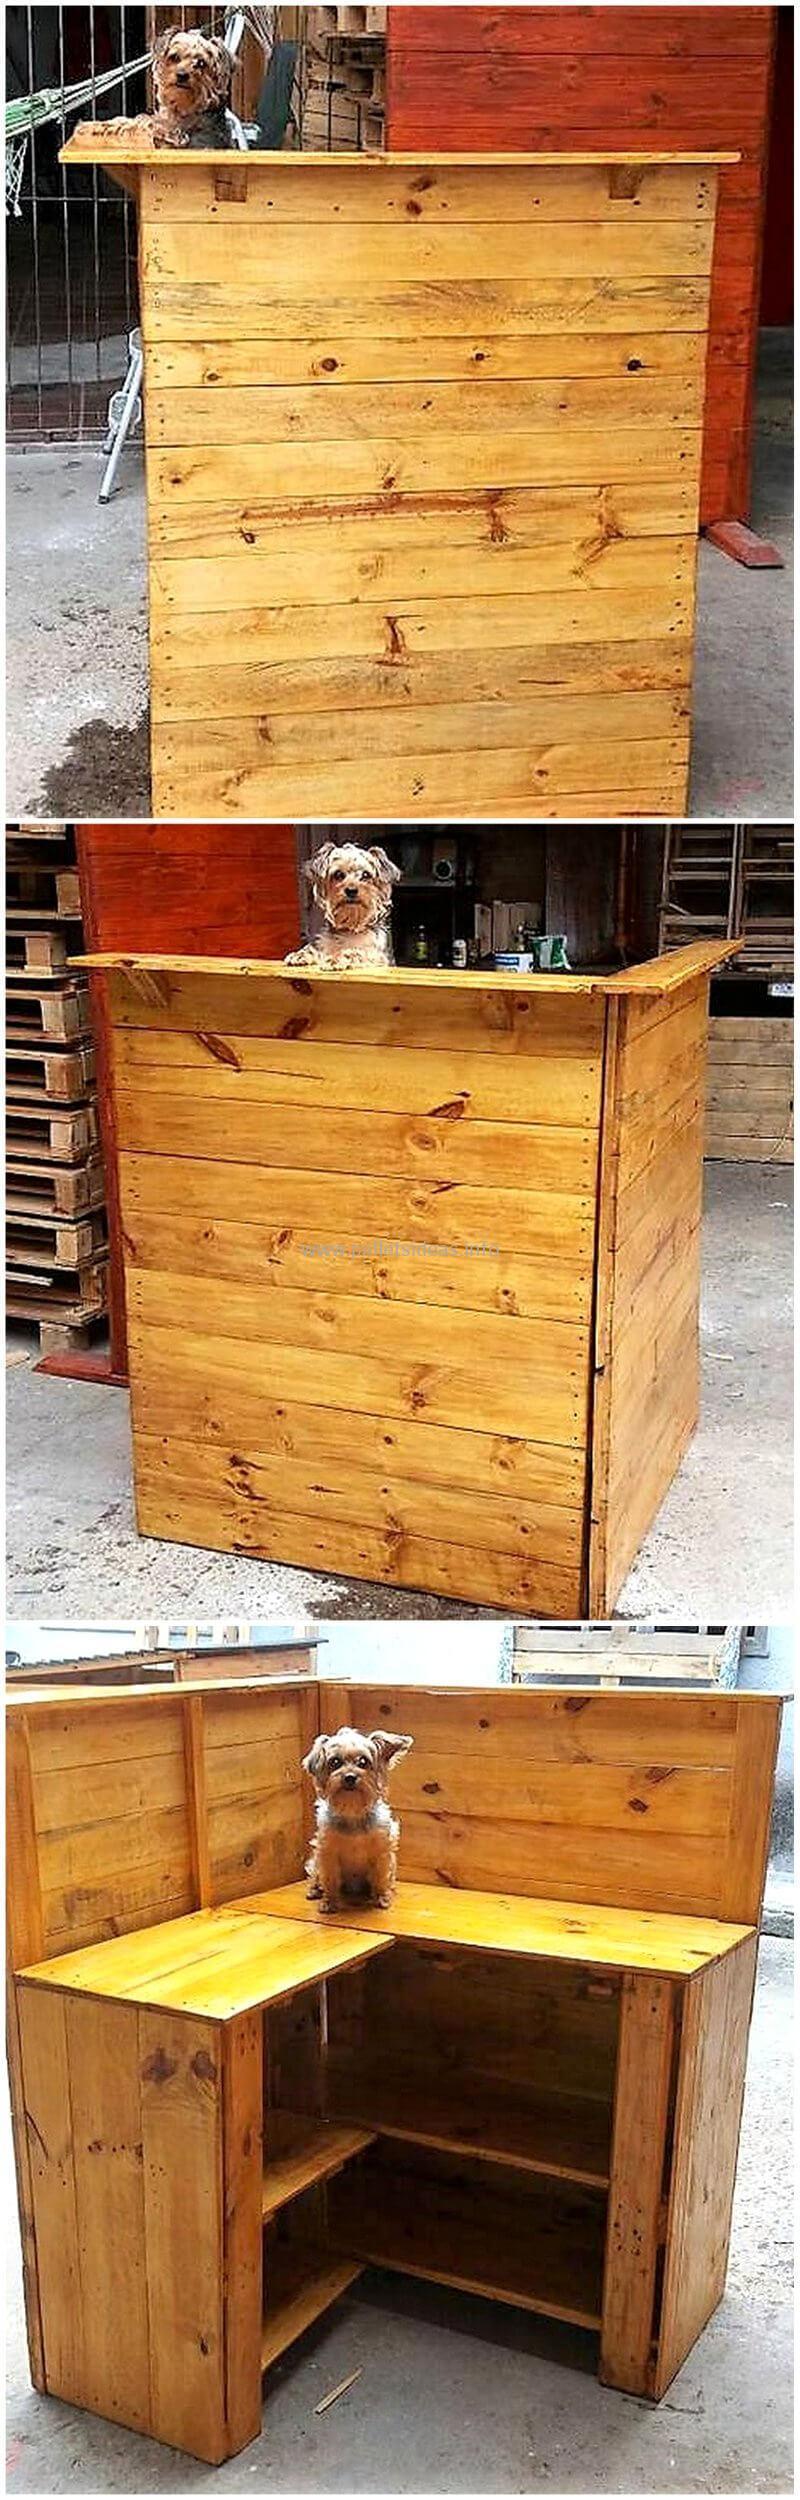 wood pallet bar plan 87